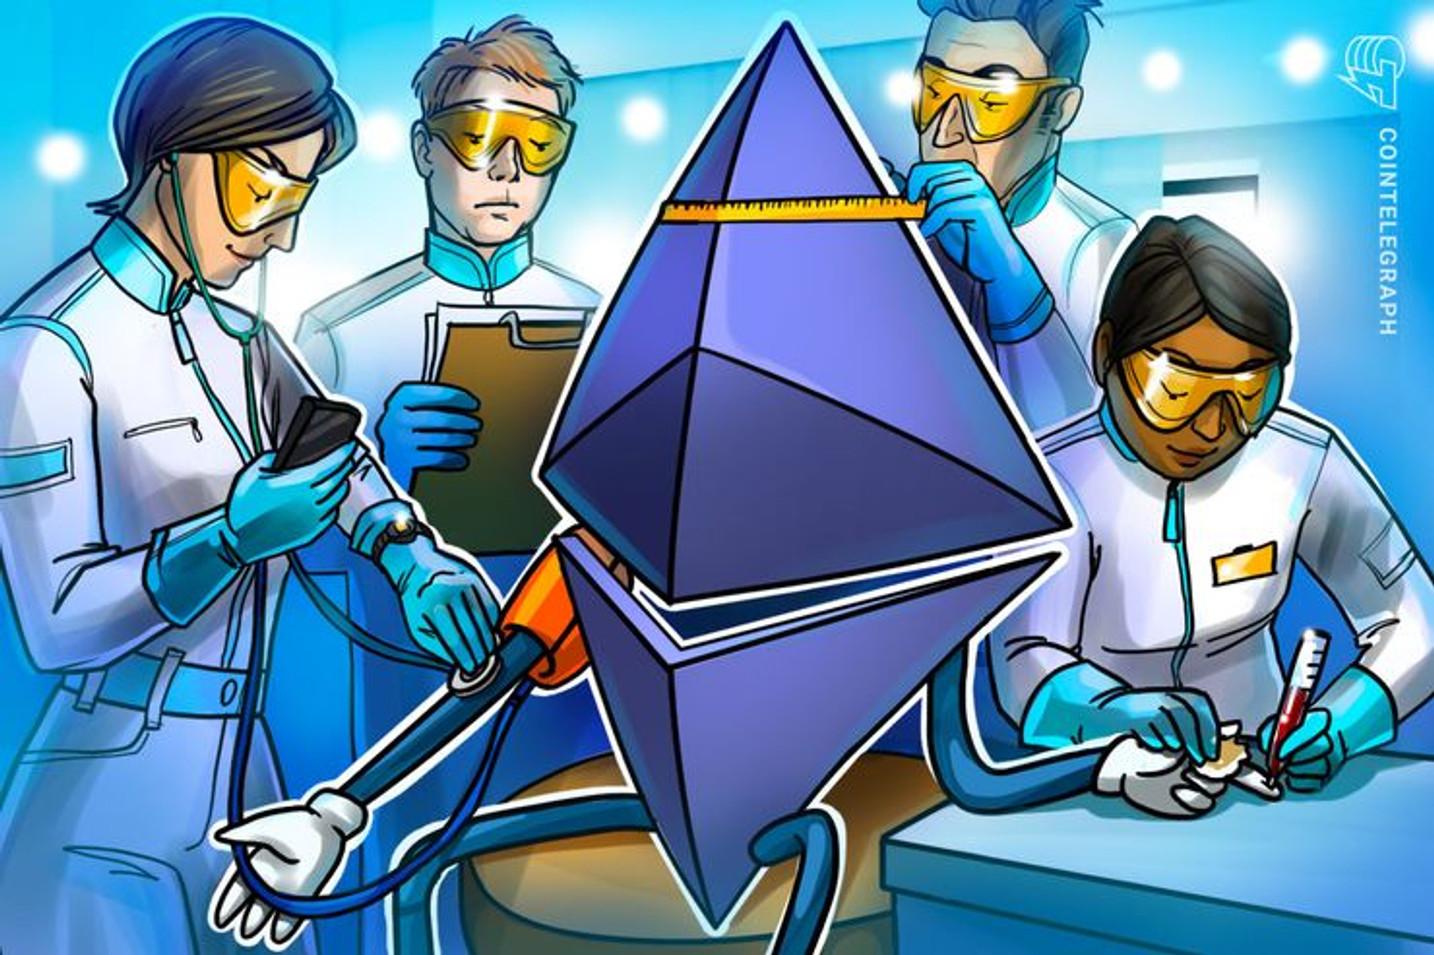 'Ethereum tem 500.000 desenvolvedores e Sharding será implementado em 2020', diz Joseph Lubin